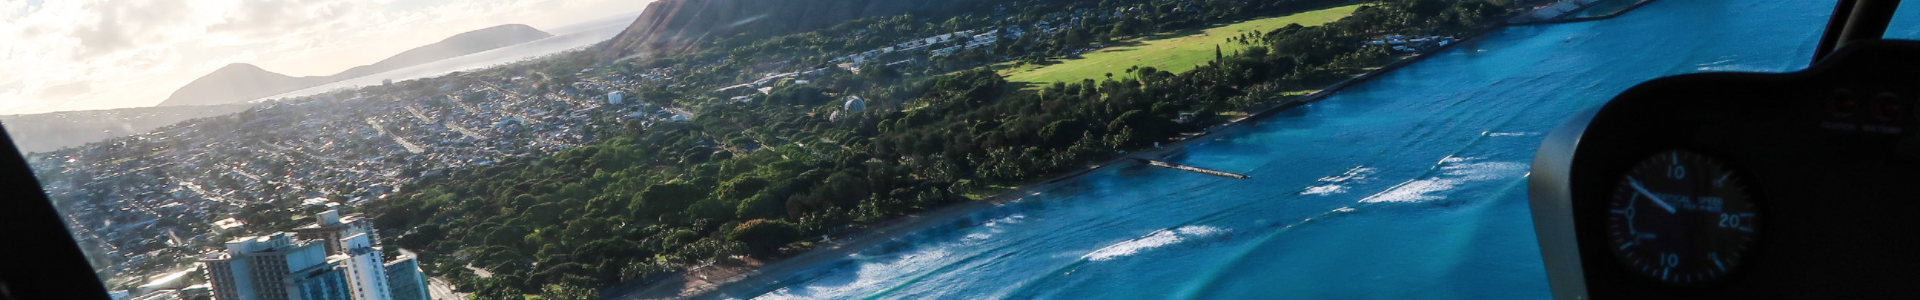 Waikiki by Heli